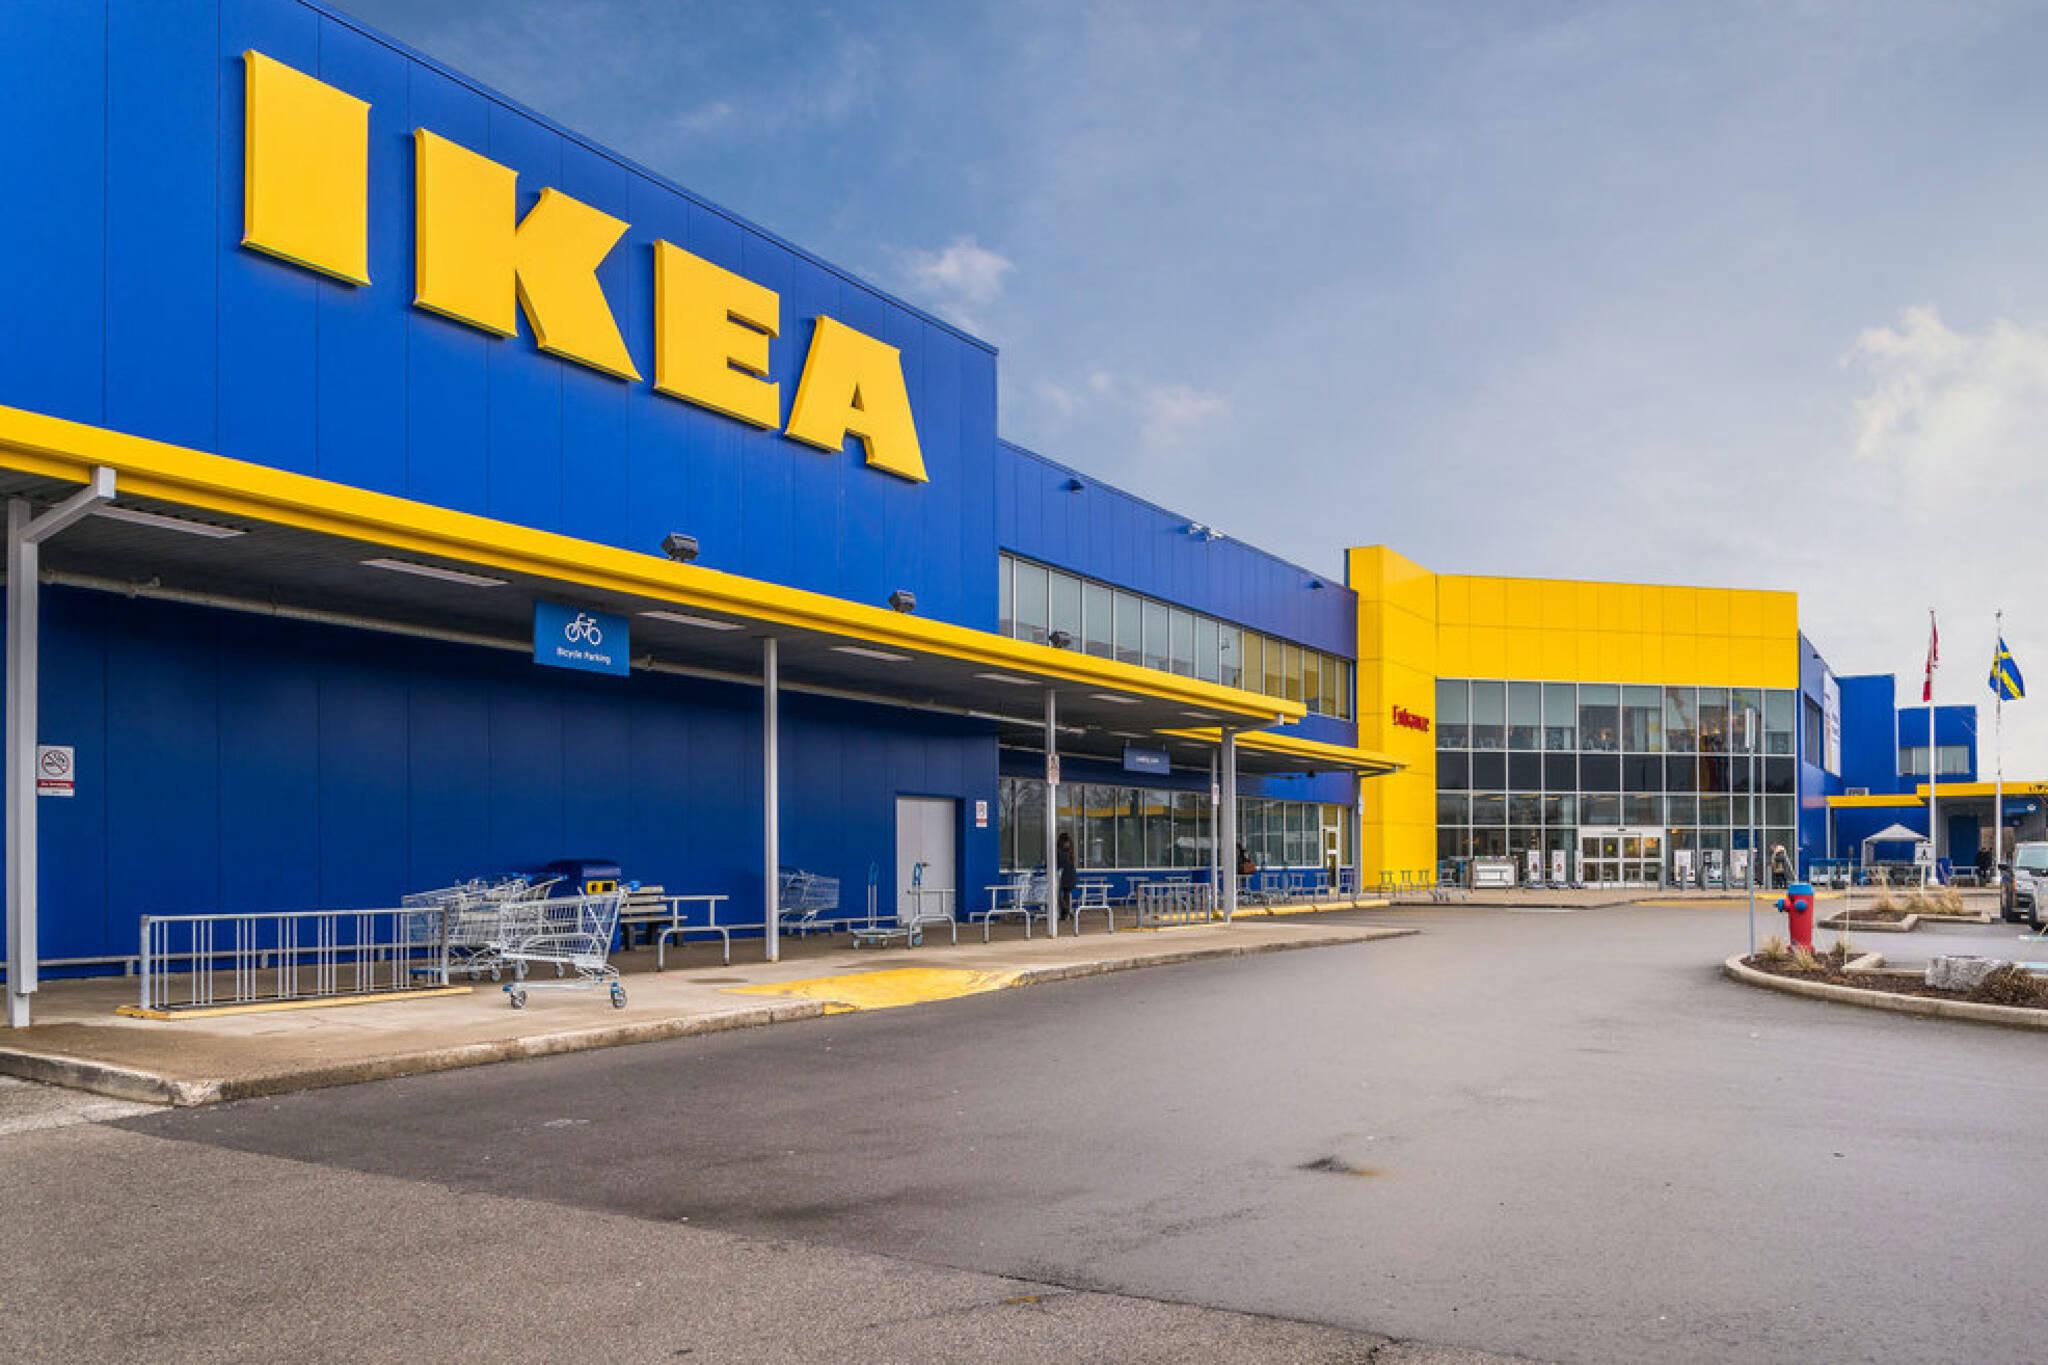 Ikea toronto open